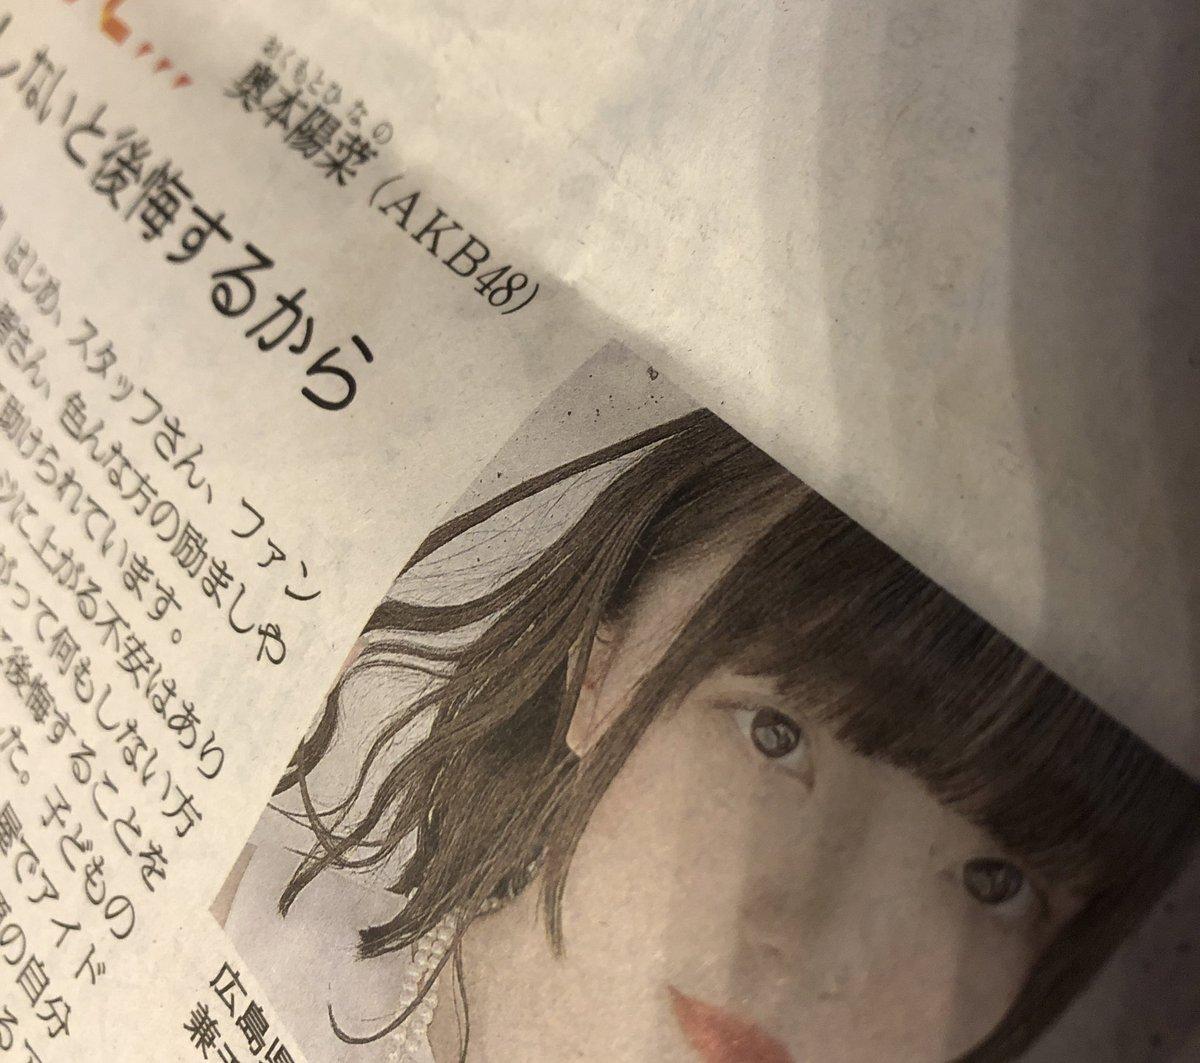 test ツイッターメディア - 土曜日の朝日新聞夕刊にチーム8 広島代表の奥本陽菜さん。1年以上遠ざかっている劇場に「絶対また立ちたい」と語っています。3年前のトップリード公演初日の前座で堂々とパフォーマンスしていた姿が忘れられません。あの時の思い切りの良さを取り戻して欲しいなと思います。 https://t.co/bHZcNtlLG0 https://t.co/zAu4ZzePiV